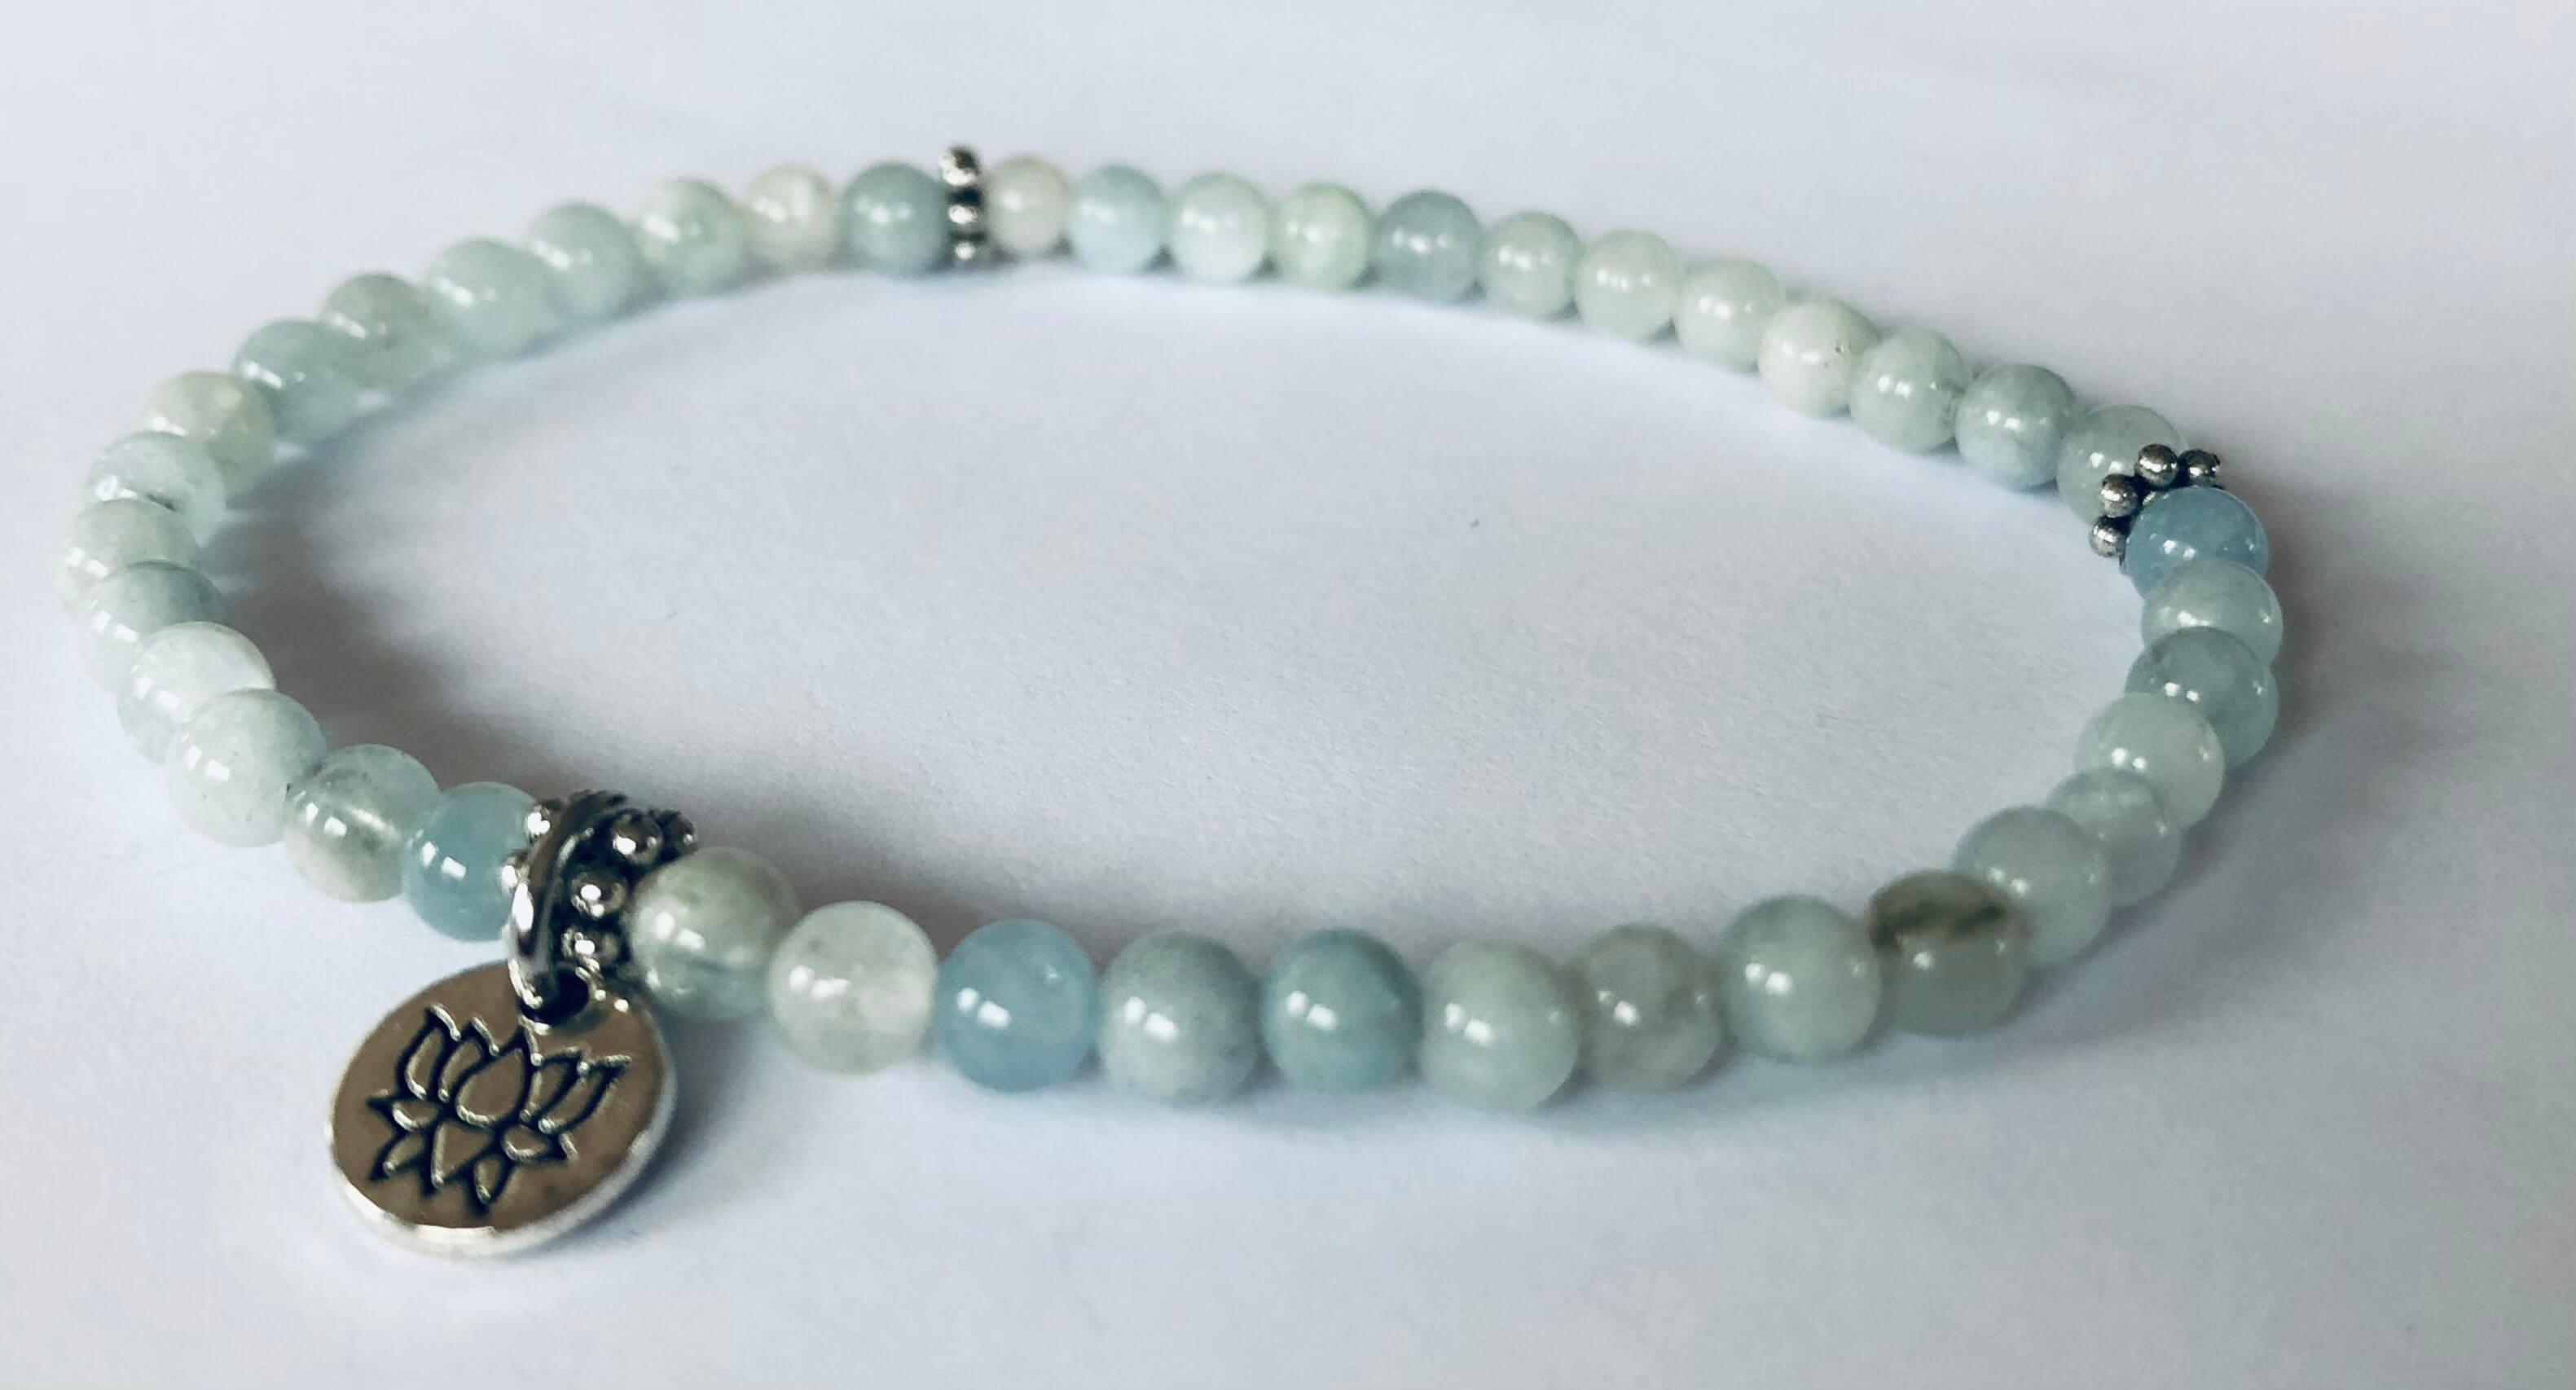 Aquamarine Armband